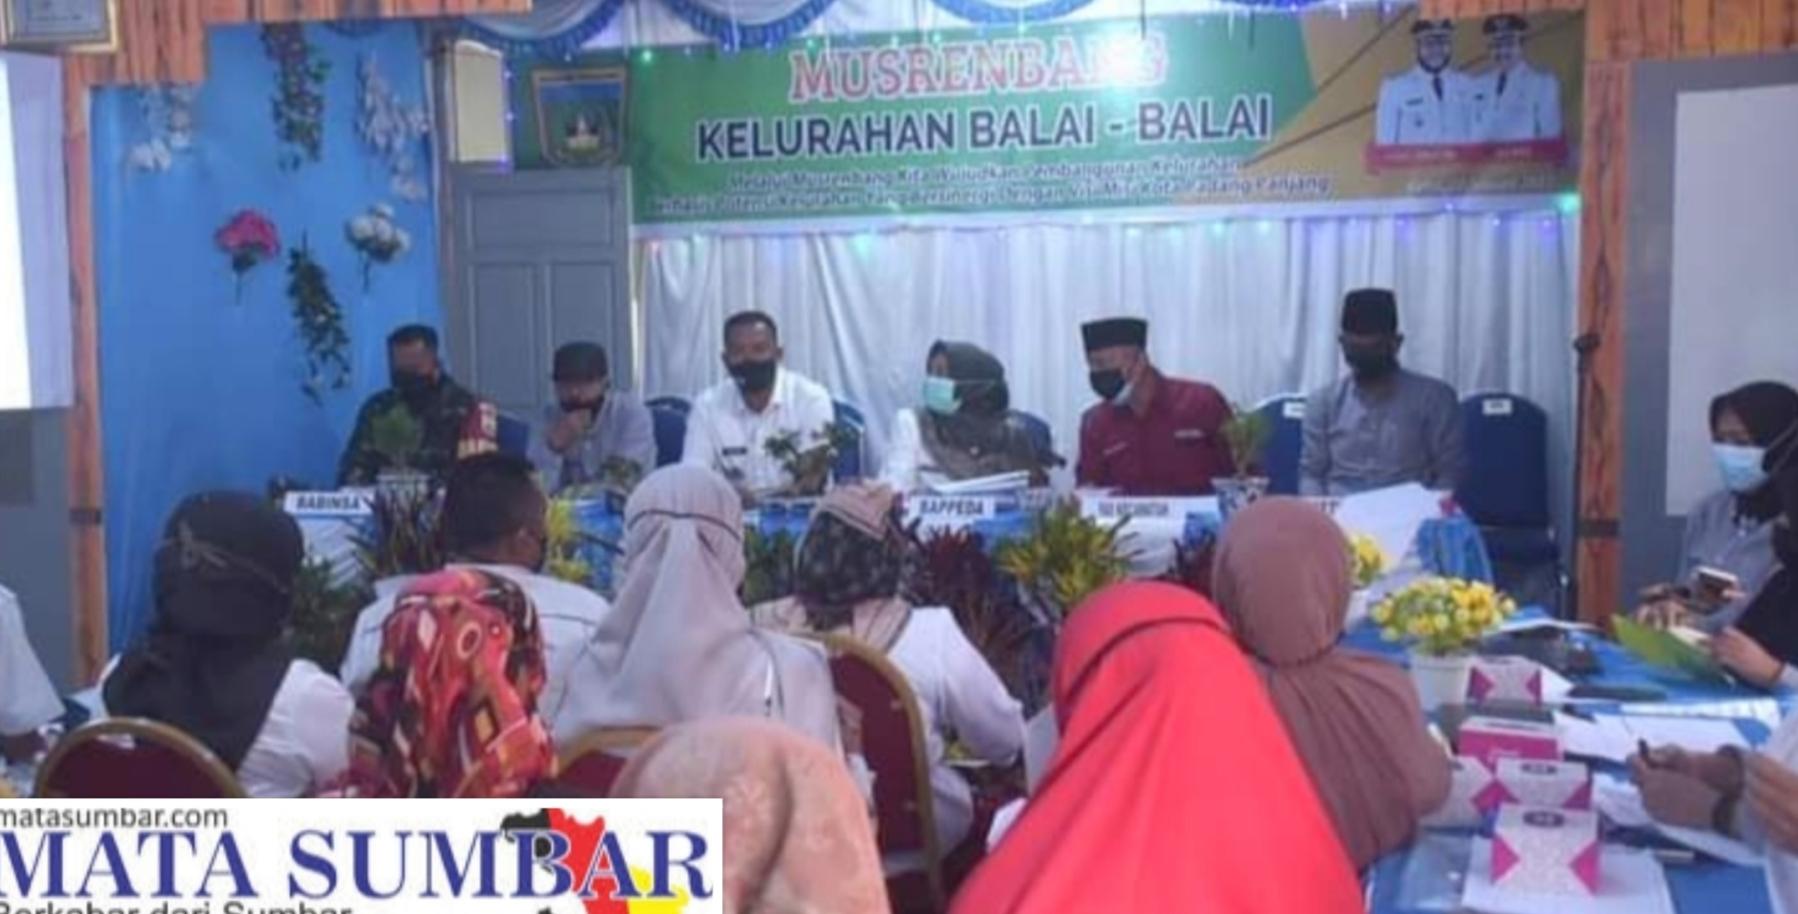 Musrenbang Kelurahan Balai-Balai Sediakan Puluhan Dooprice Bagi Masyarakat Yang Hadir